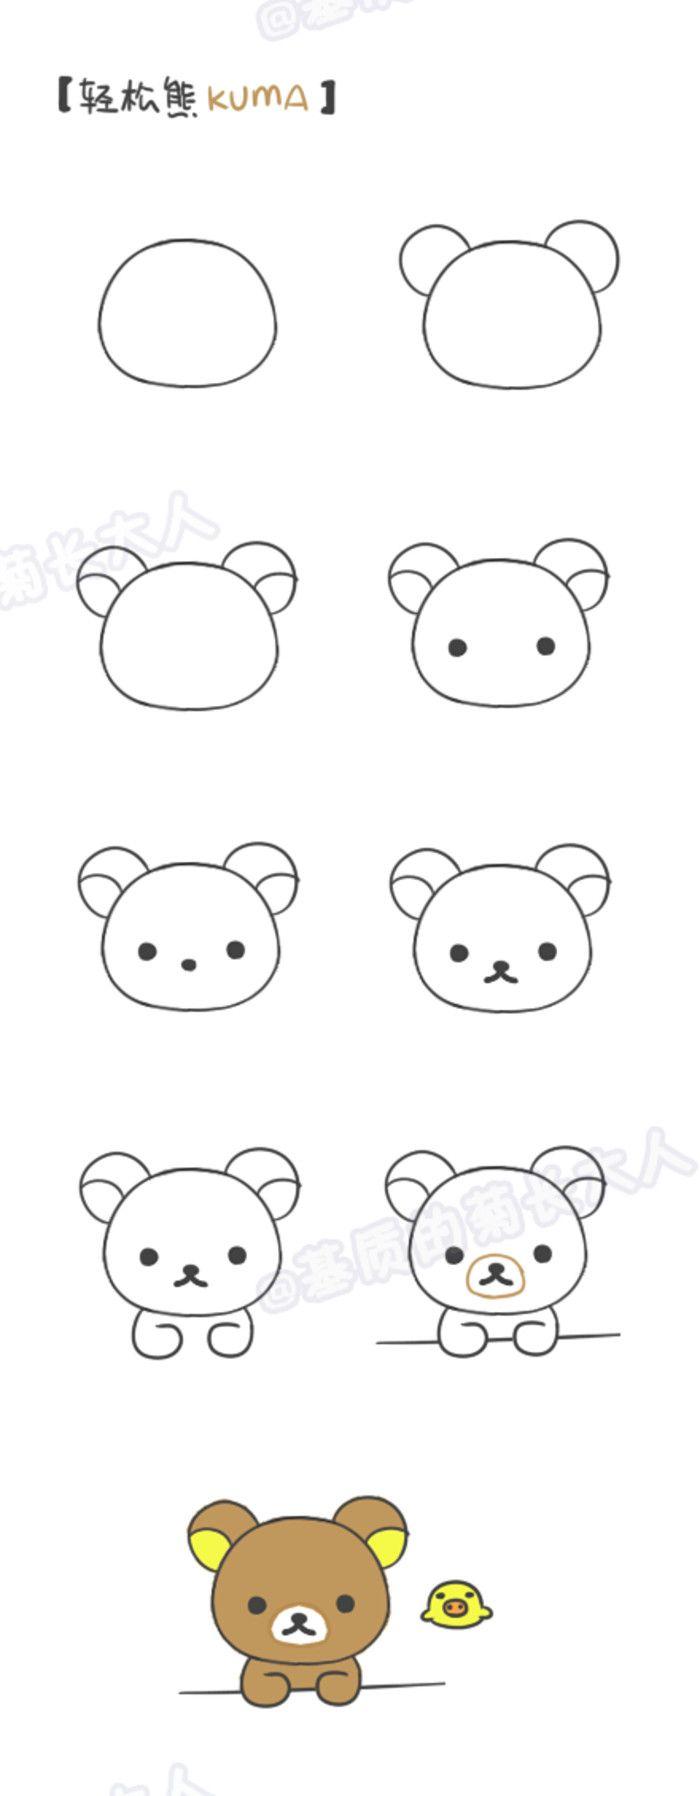 Pda tutorials easily bear kuma doodles pinterest for Cute drawing ideas for girls